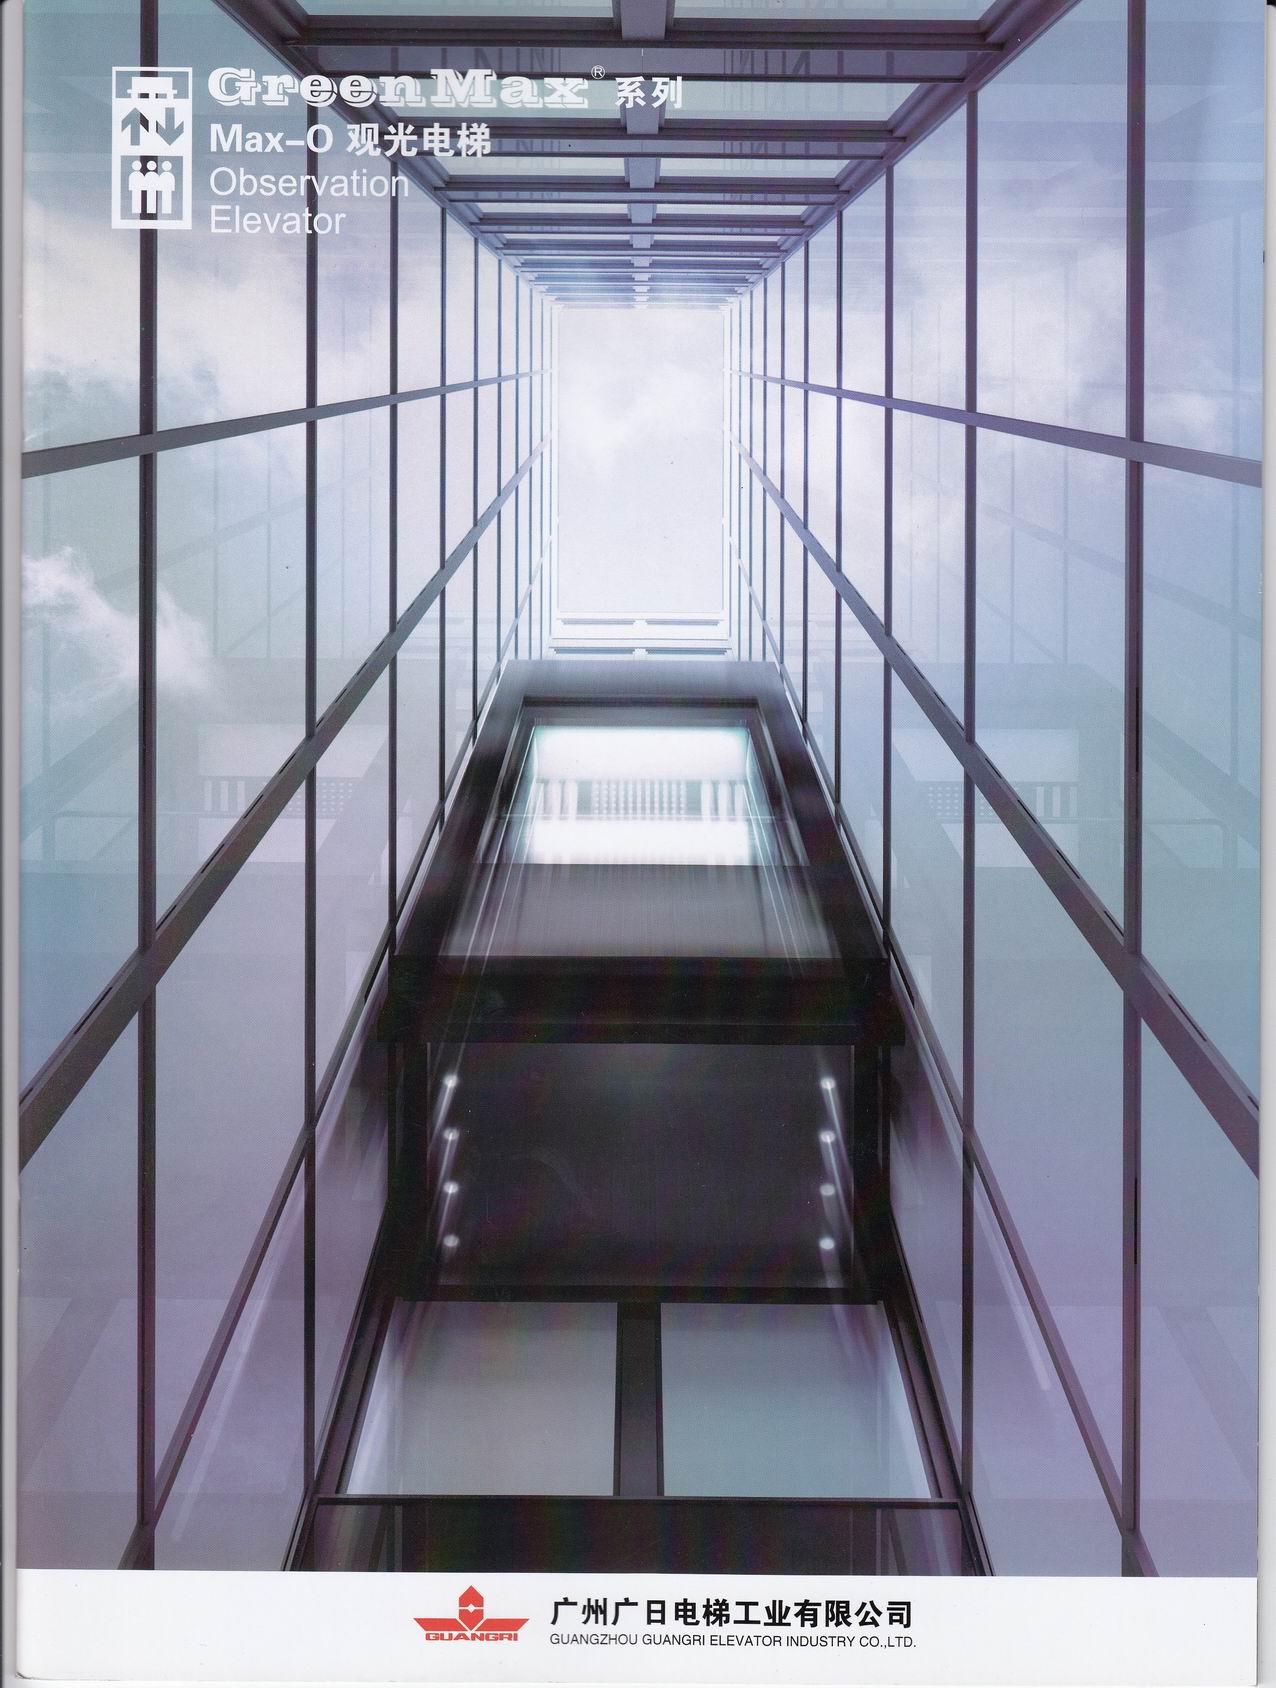 广日max-o观光电梯